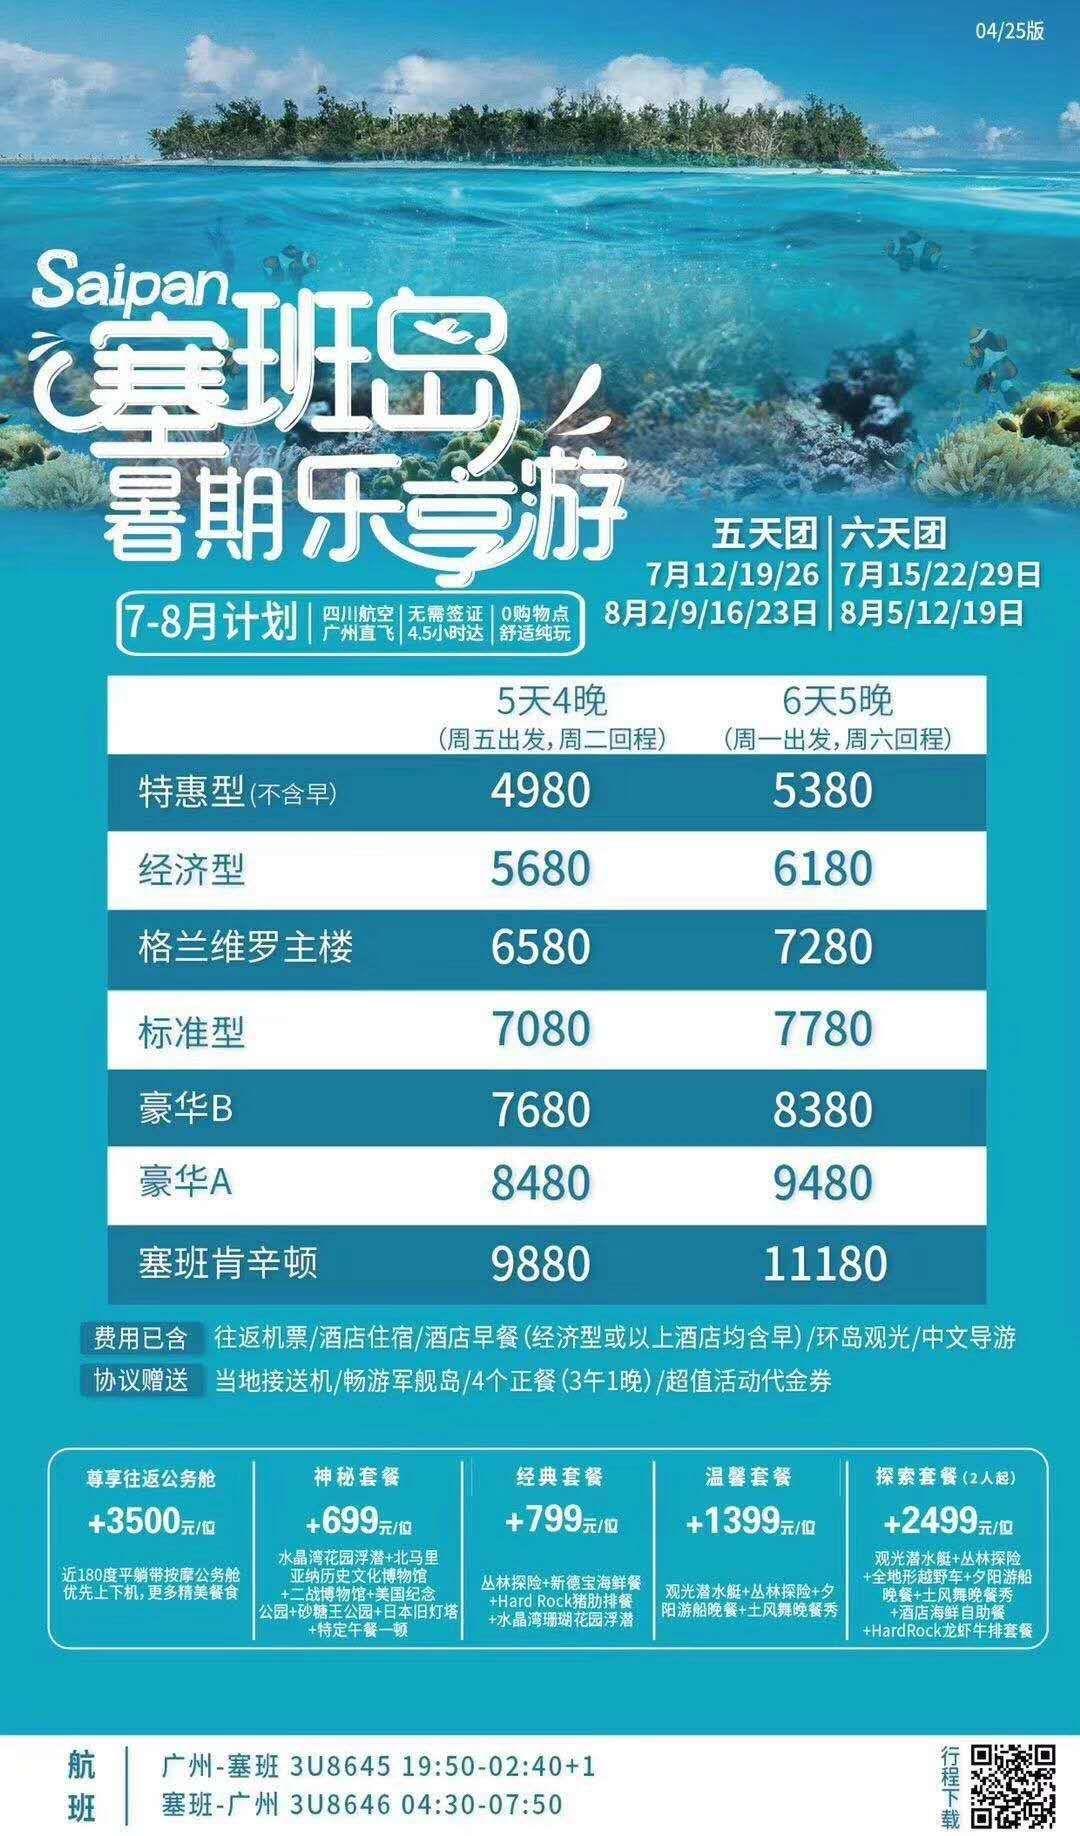 7-8月 特惠、经济(格主)反500 标准反600 豪华反700.jpg